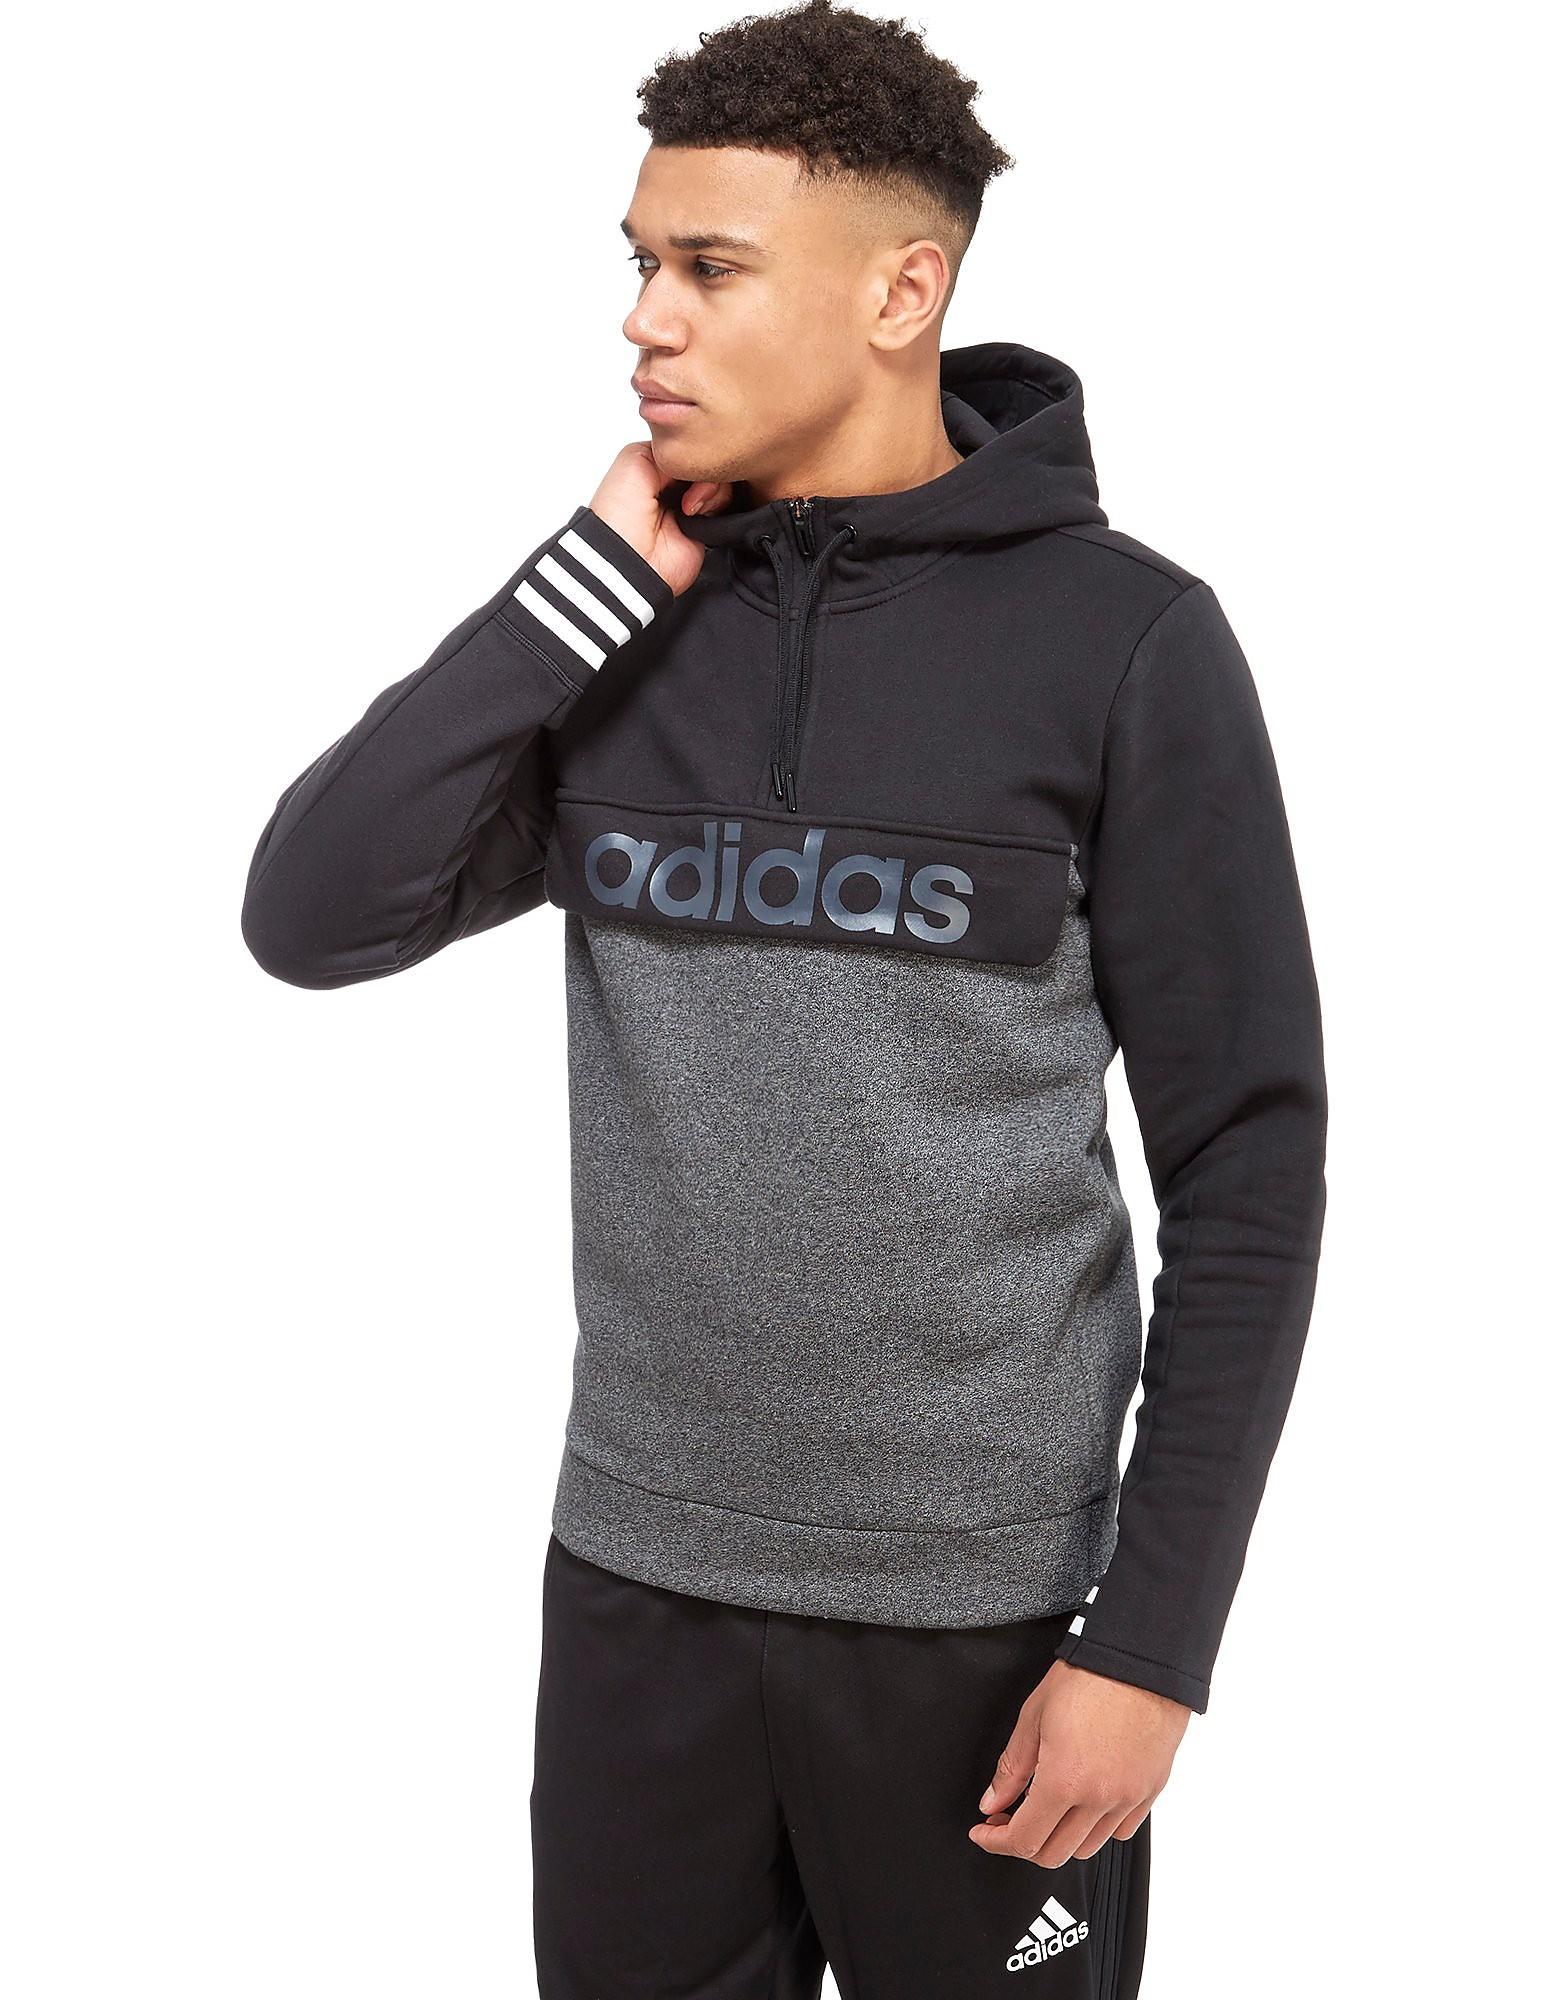 adidas Linear Half Zip Hoody